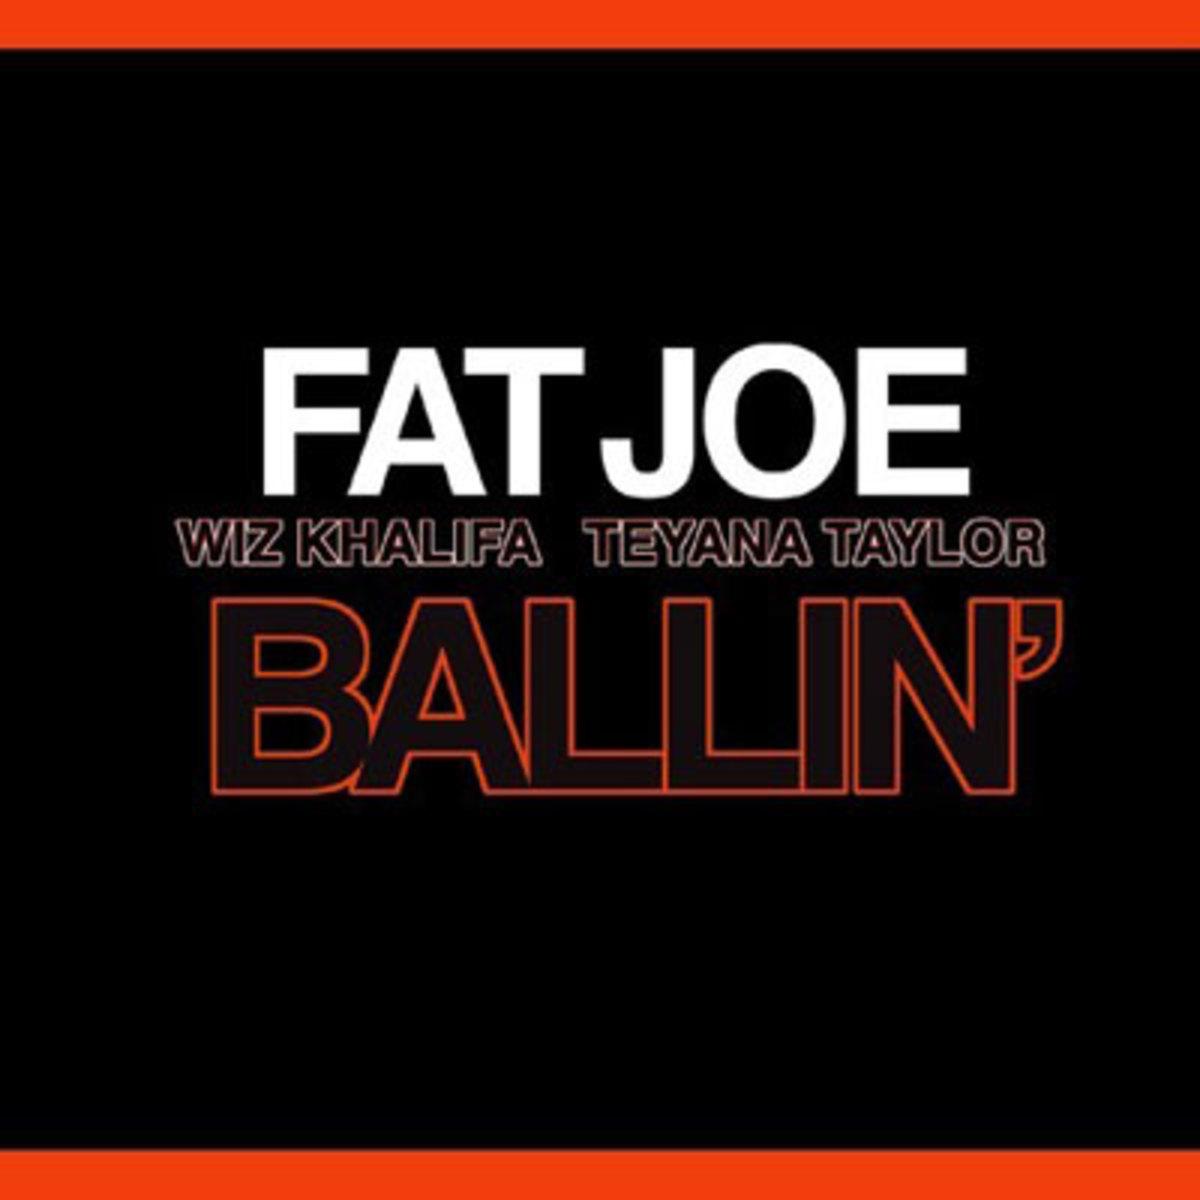 fatjoe-ballin.jpg